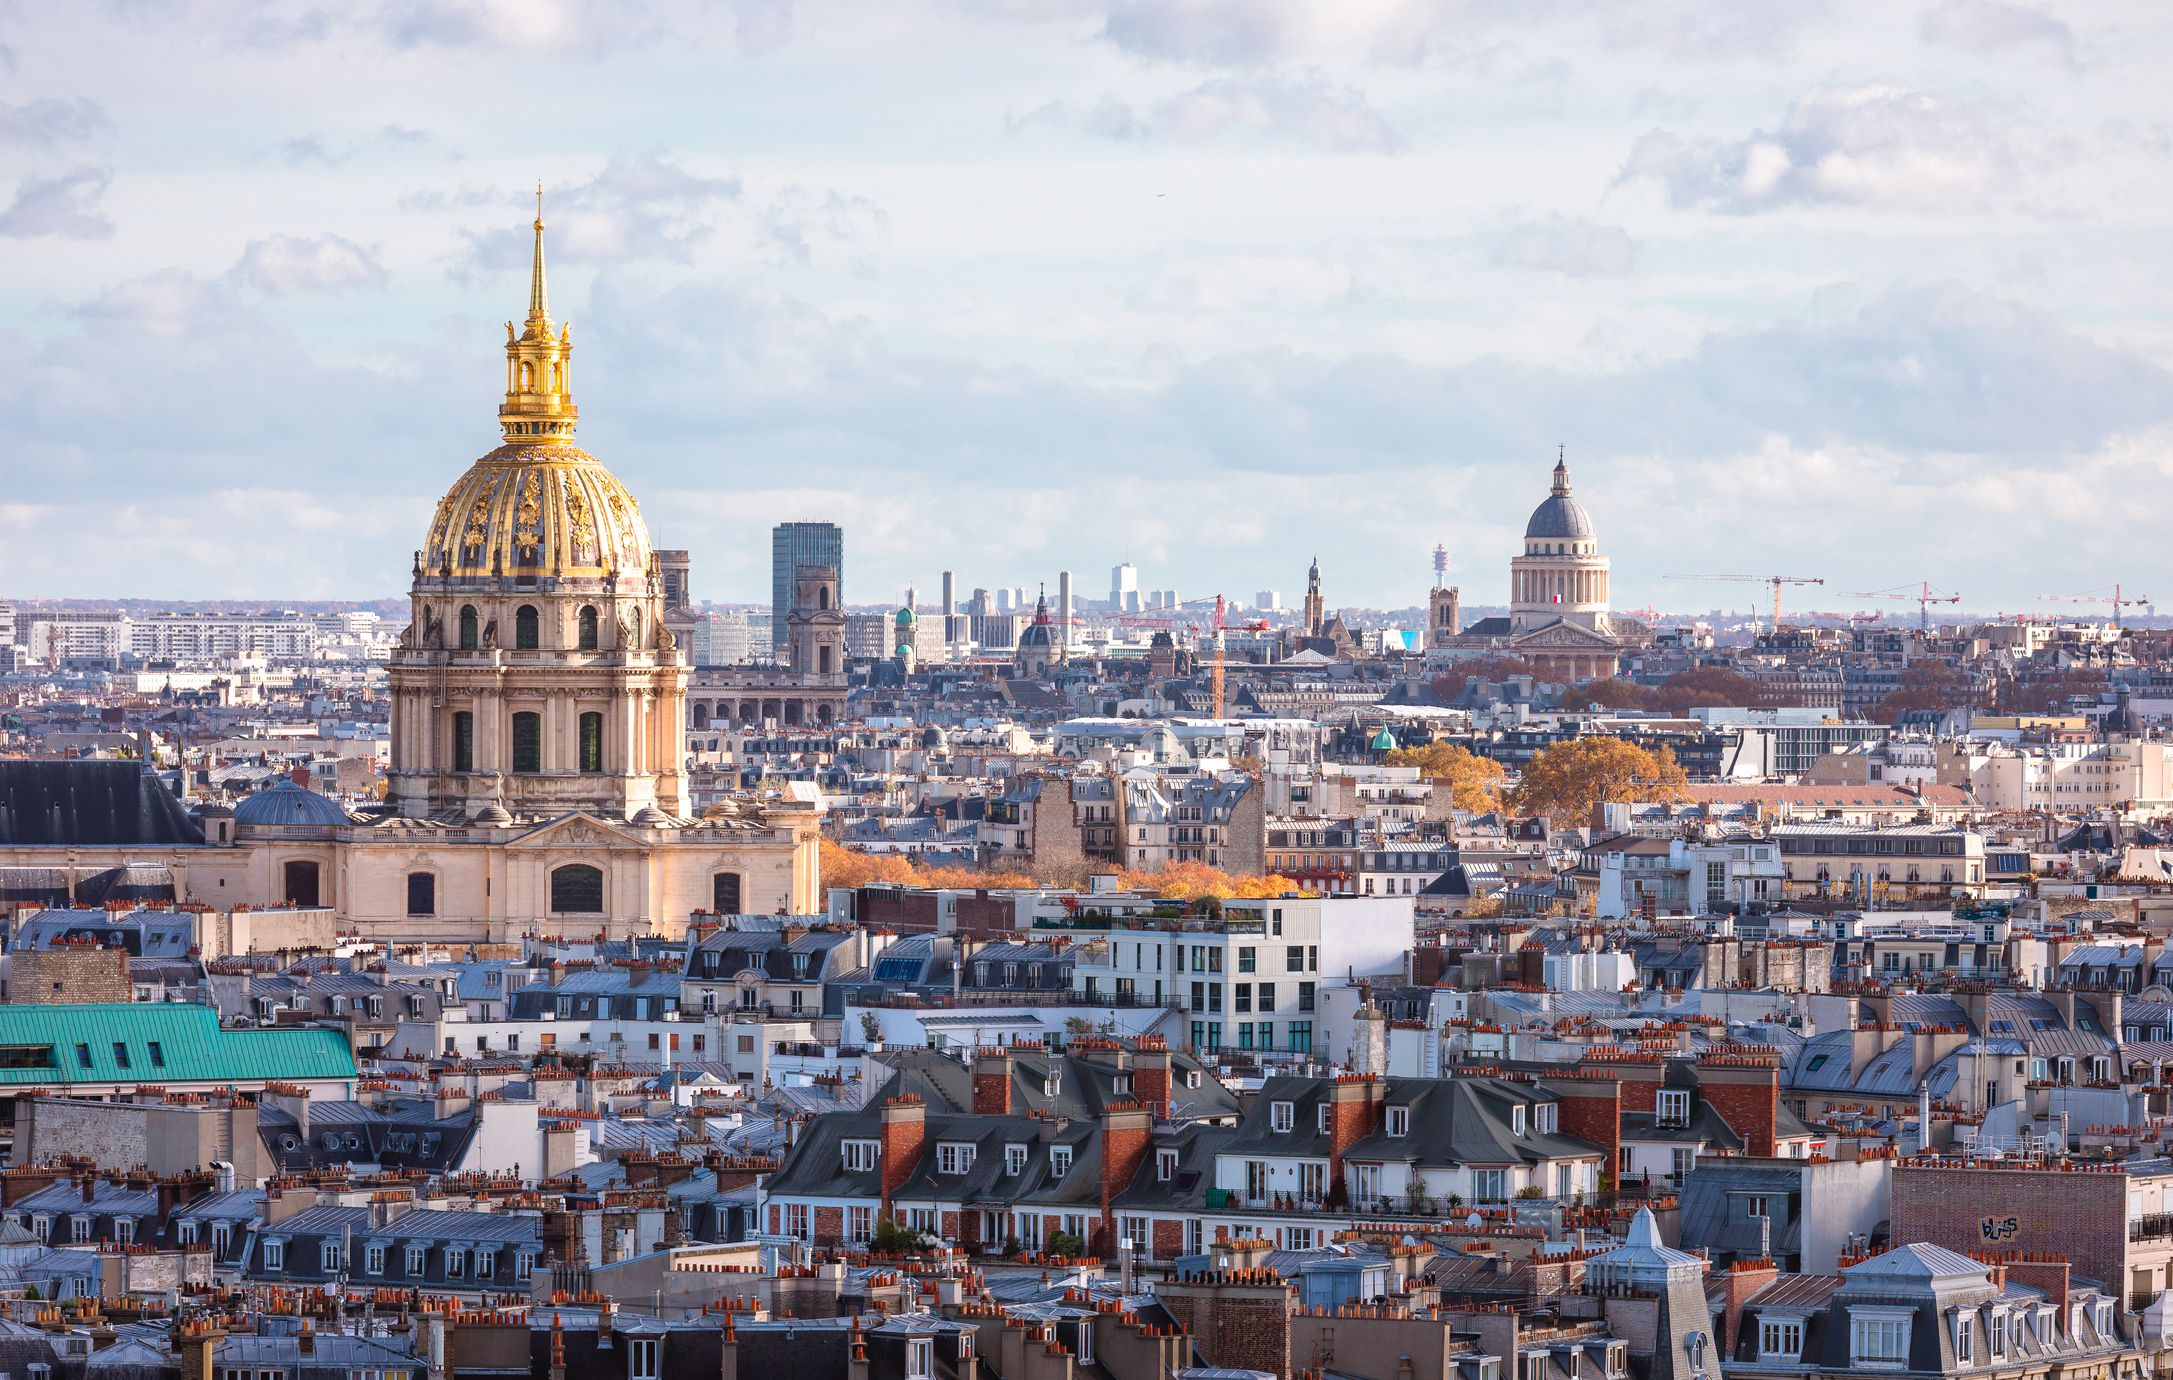 افضل 4 انشطة في مبنى البانثيون باريس فرنسا